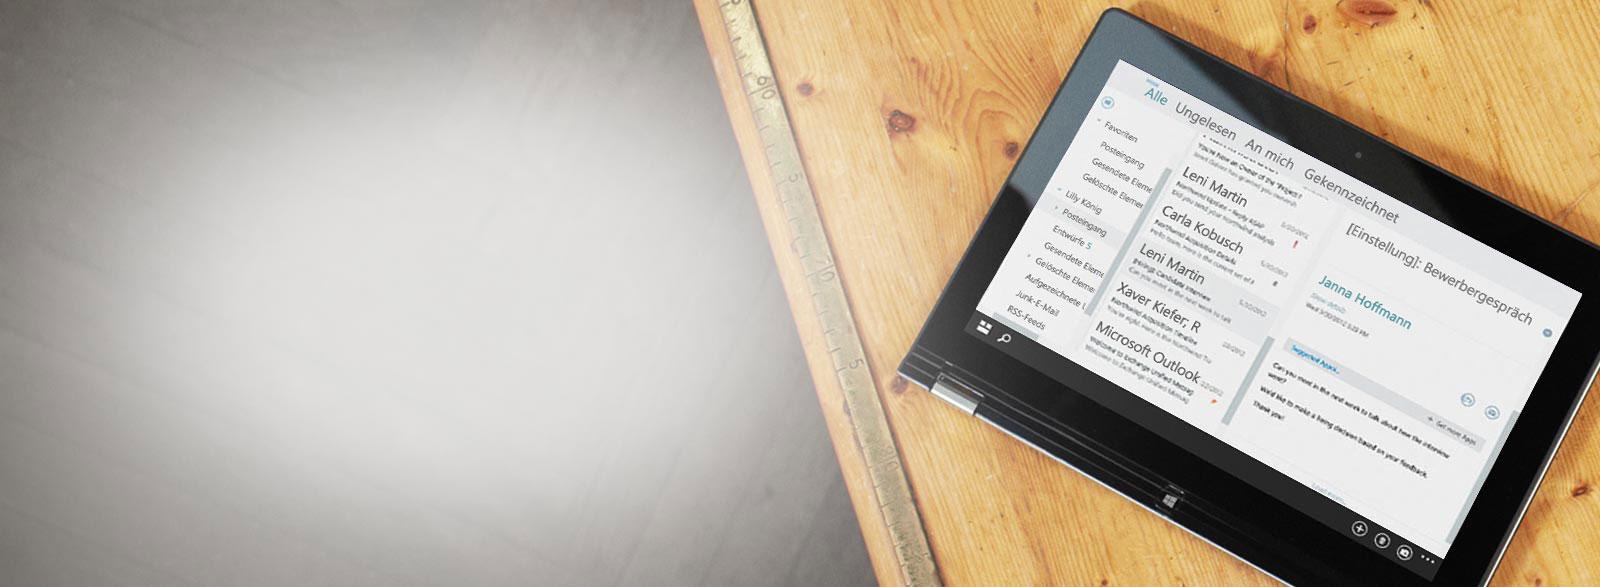 Ein Tablet auf einem Tisch mit der Nahaufnahme eines geschäftlichen Posteingangs mit von Exchange gehosteten Firmen-E-Mails